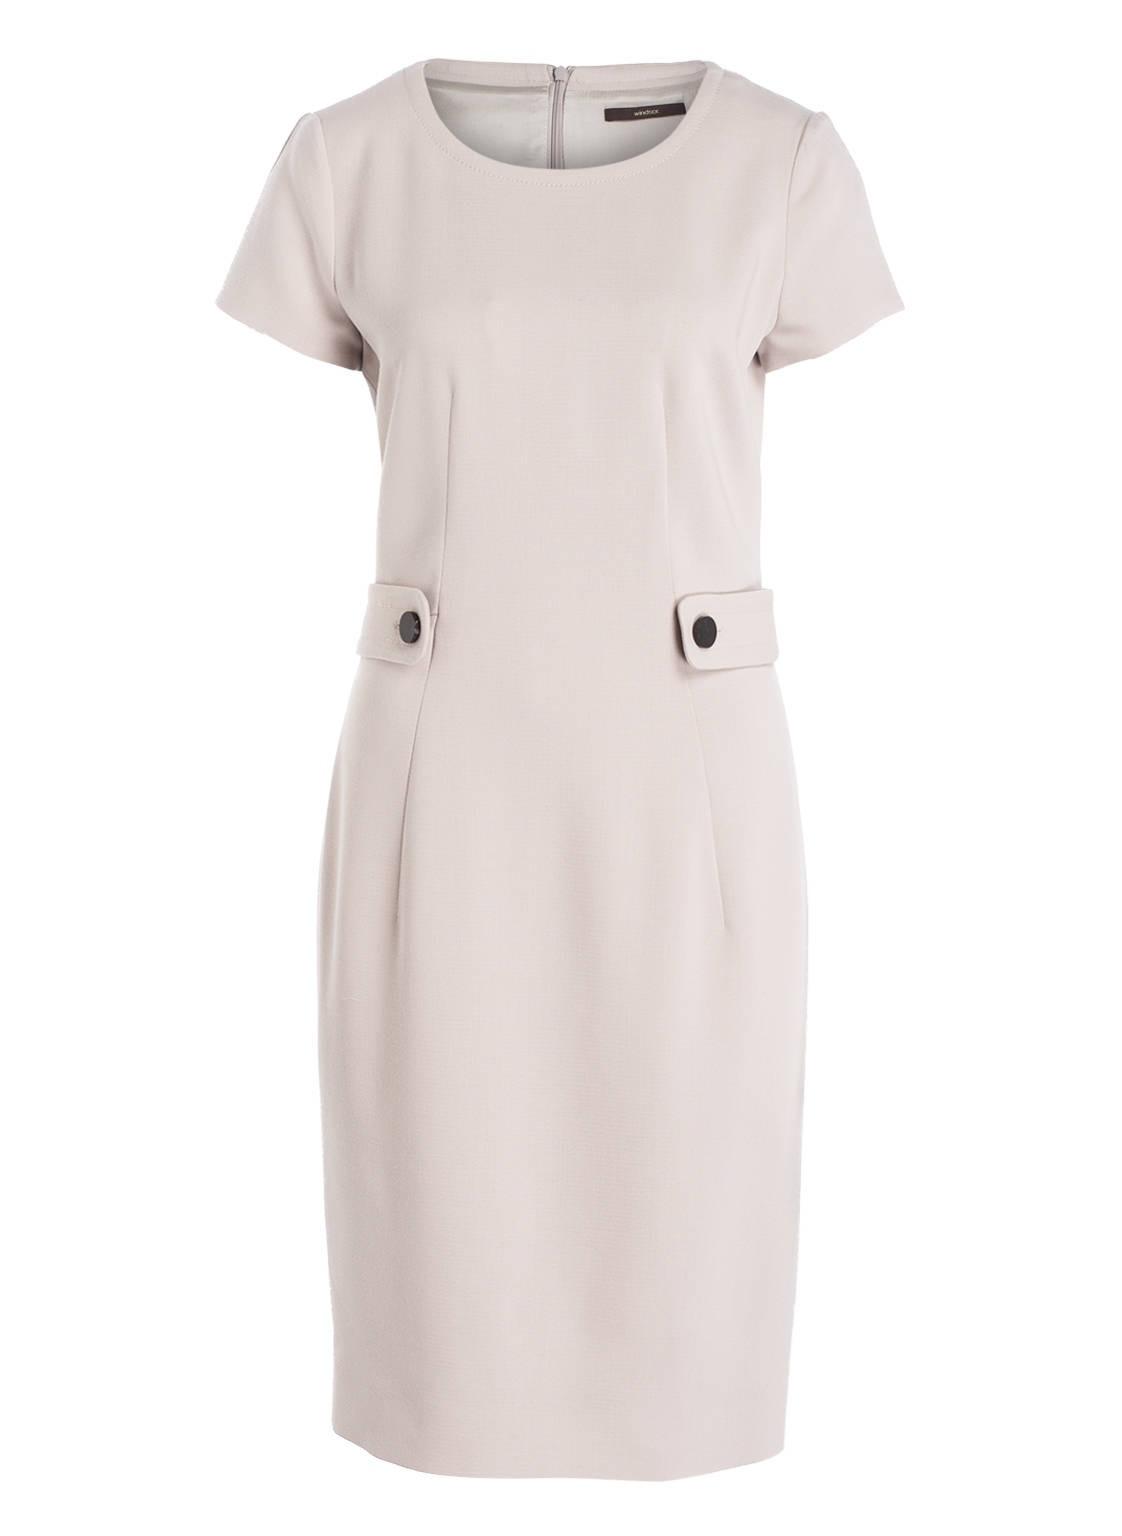 10 Schön Damen Kleider Kaufen Design17 Schön Damen Kleider Kaufen Vertrieb